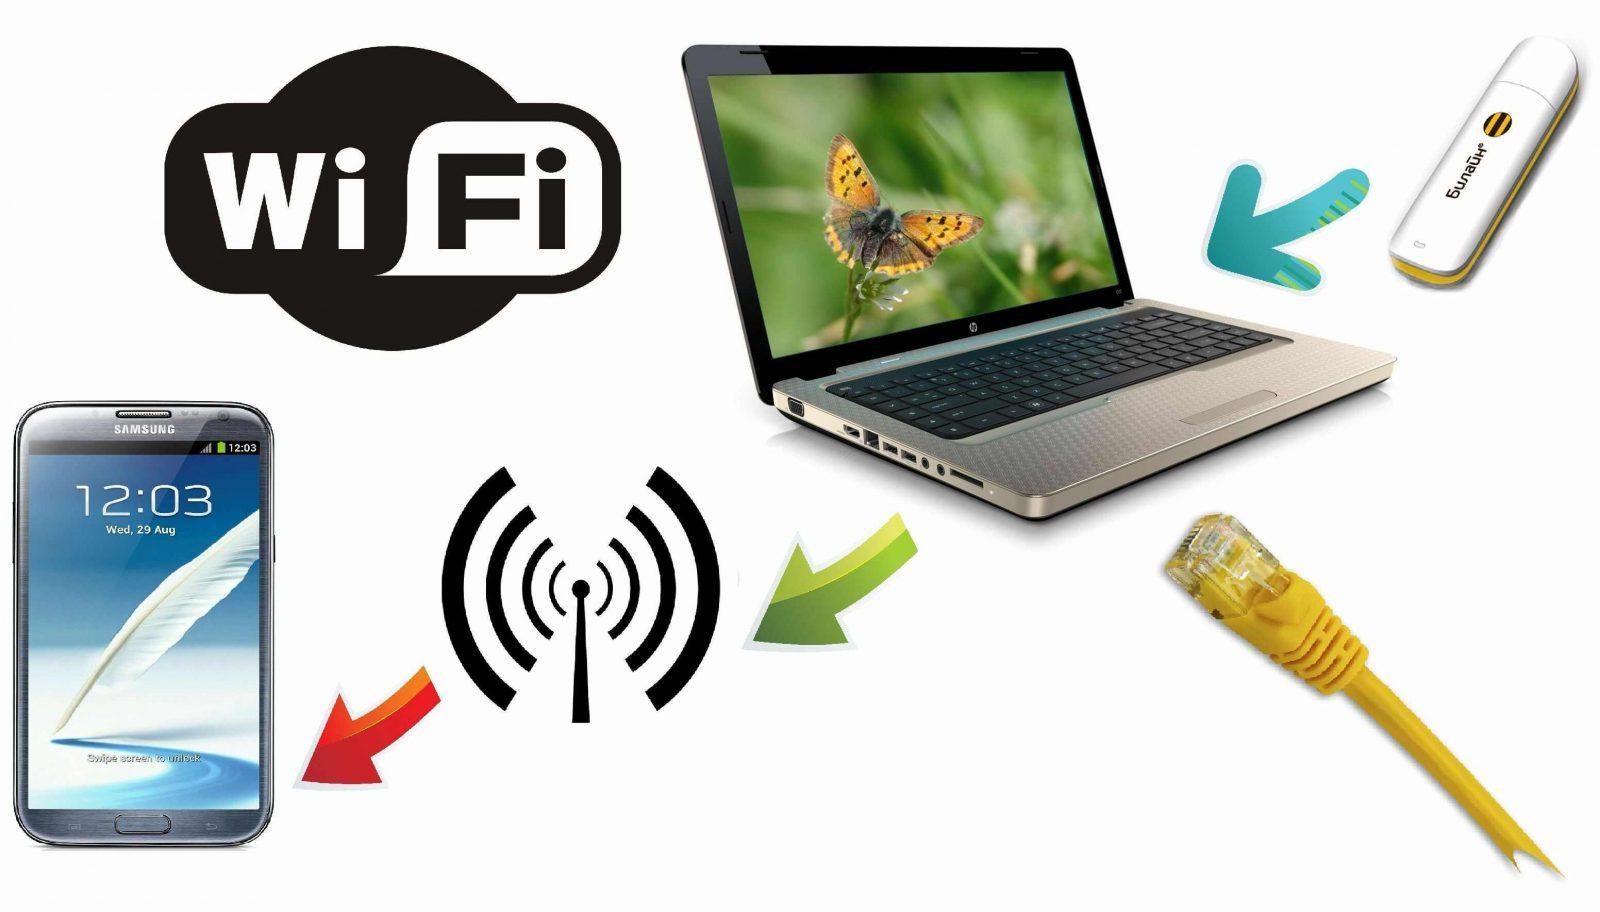 Как раздать Wi-Fi с ноутбука без роутера